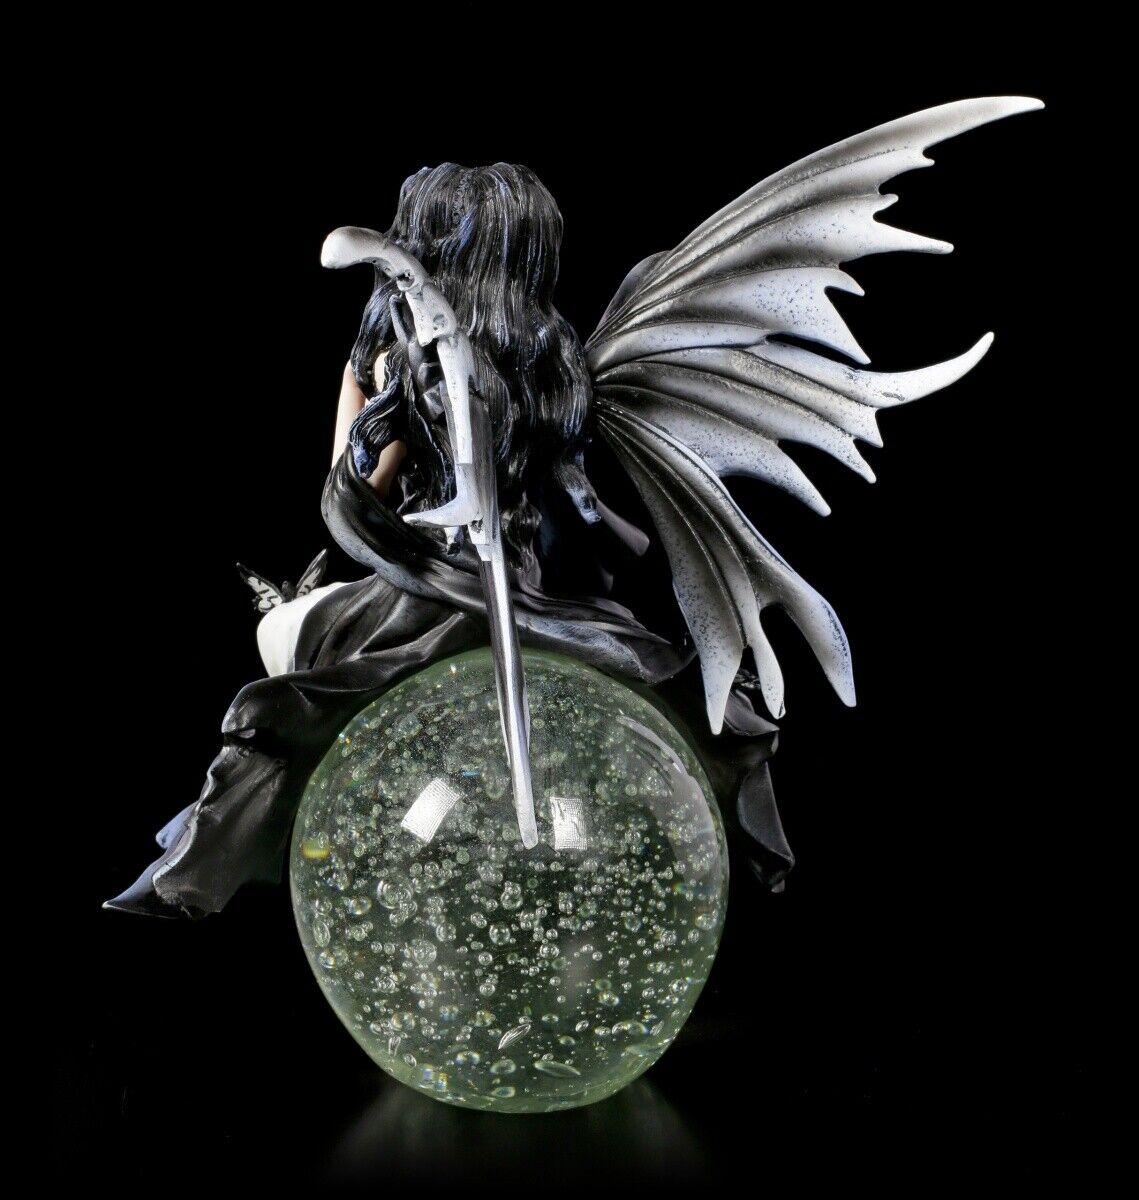 Hadas Hadas Hadas Figura de Bola Cristal - Gathering Tormenta By Nene Thomas - Fantasía 7f32a3